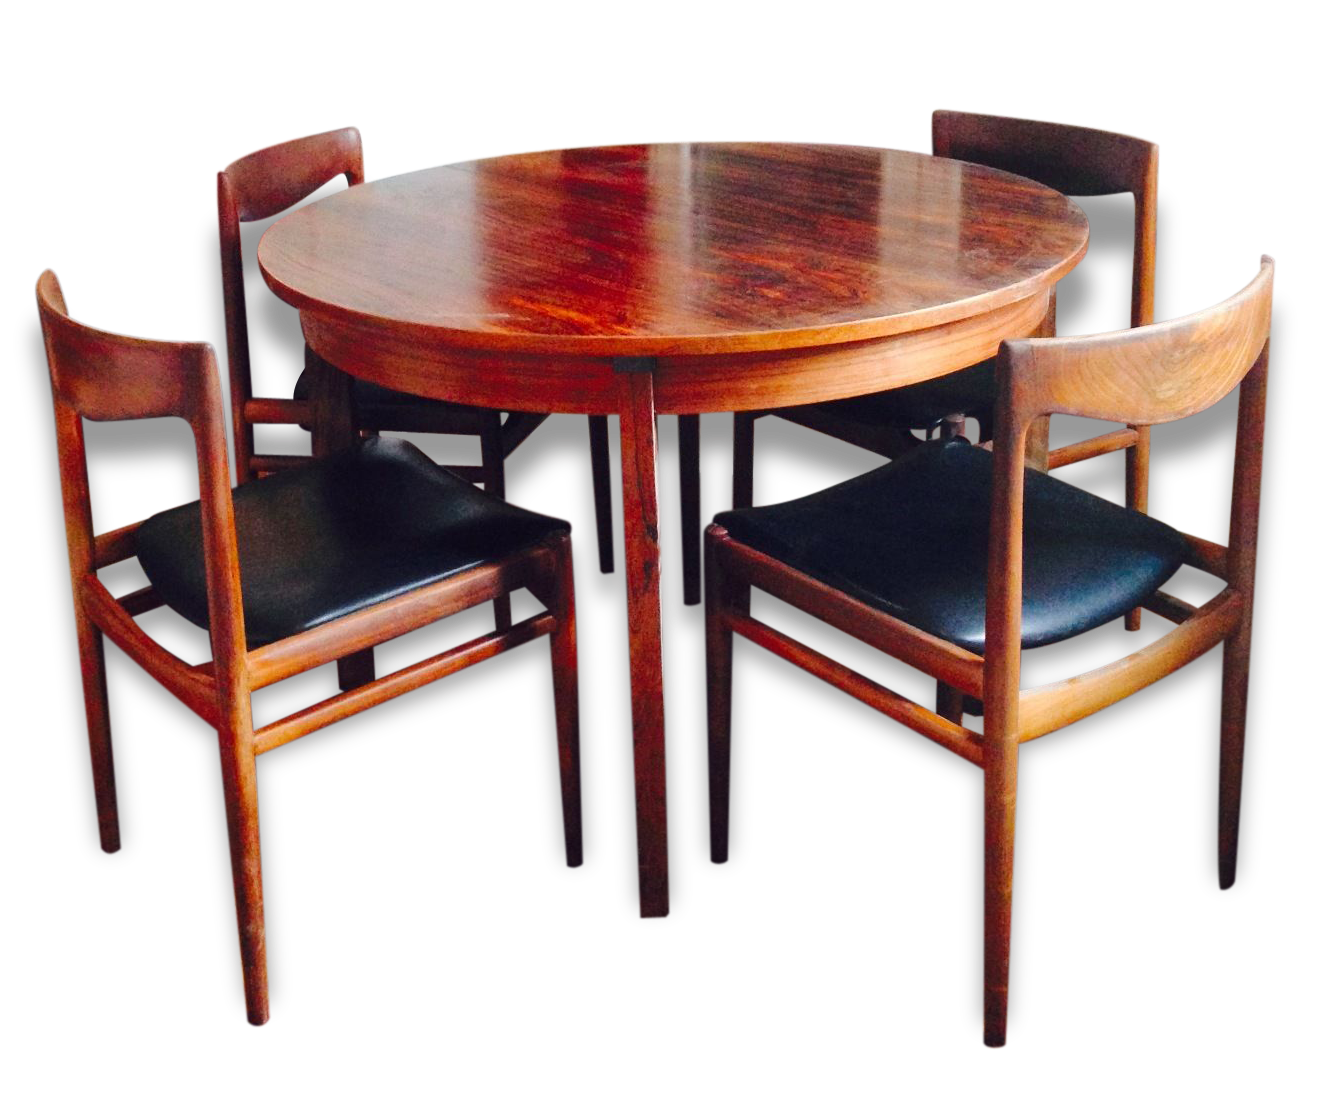 Chaise roche bobois cuir fabuleux chaises roche bobois - Table salle a manger contemporaine roche bobois ...